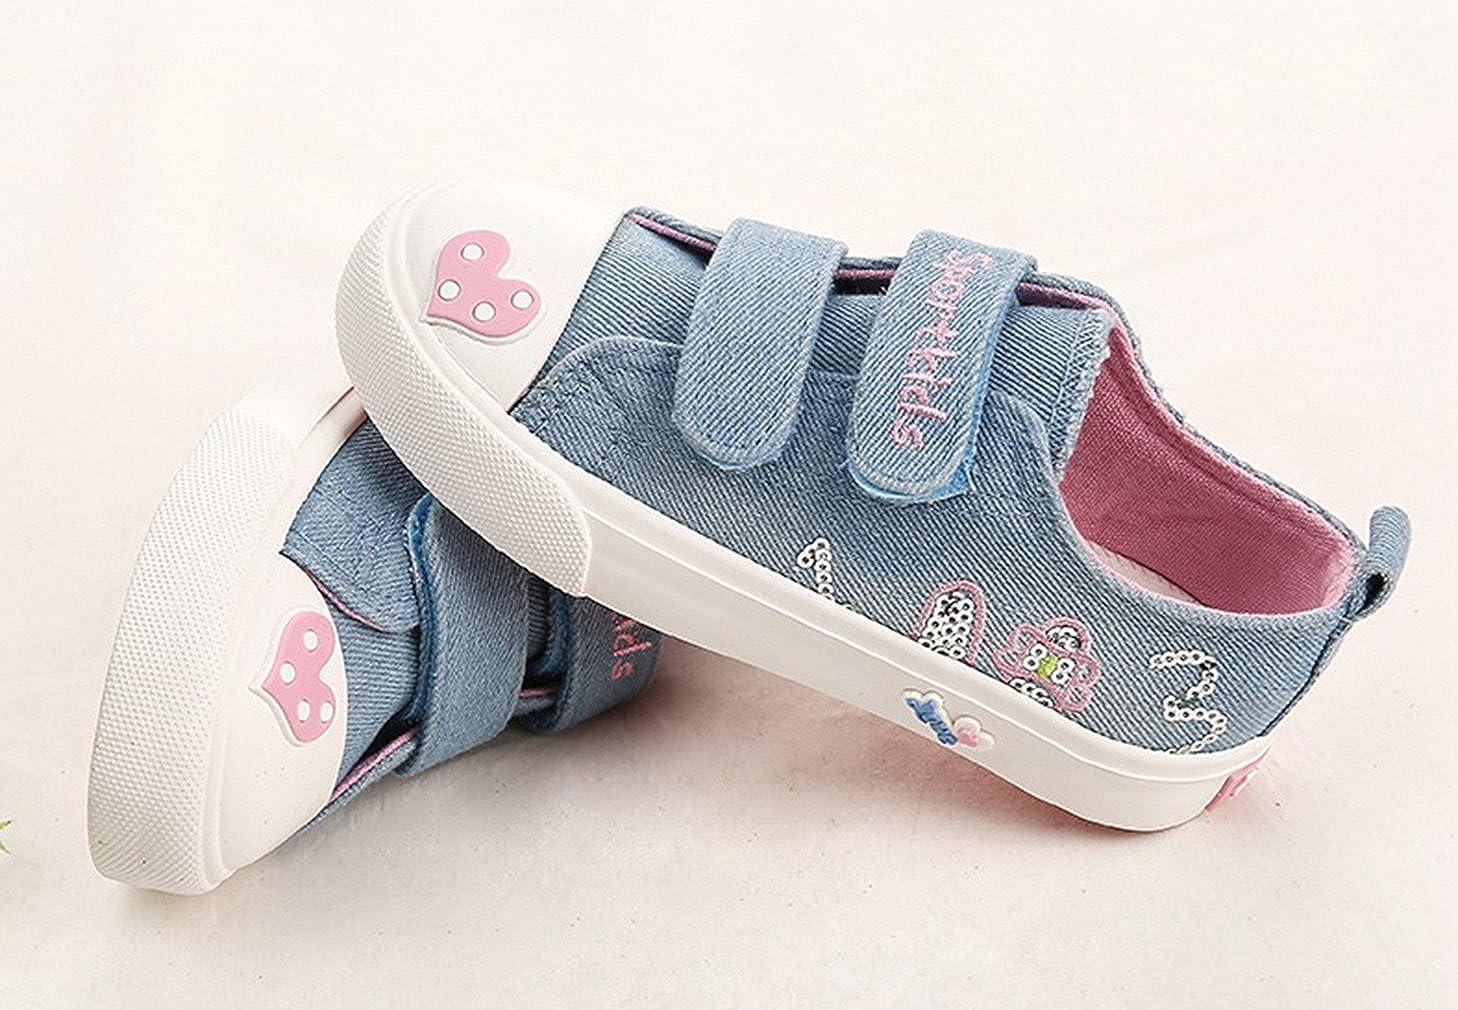 La vogue Zapatos de Lona Ni/ña Chica Coraz/ón Antideslizante para Primavera